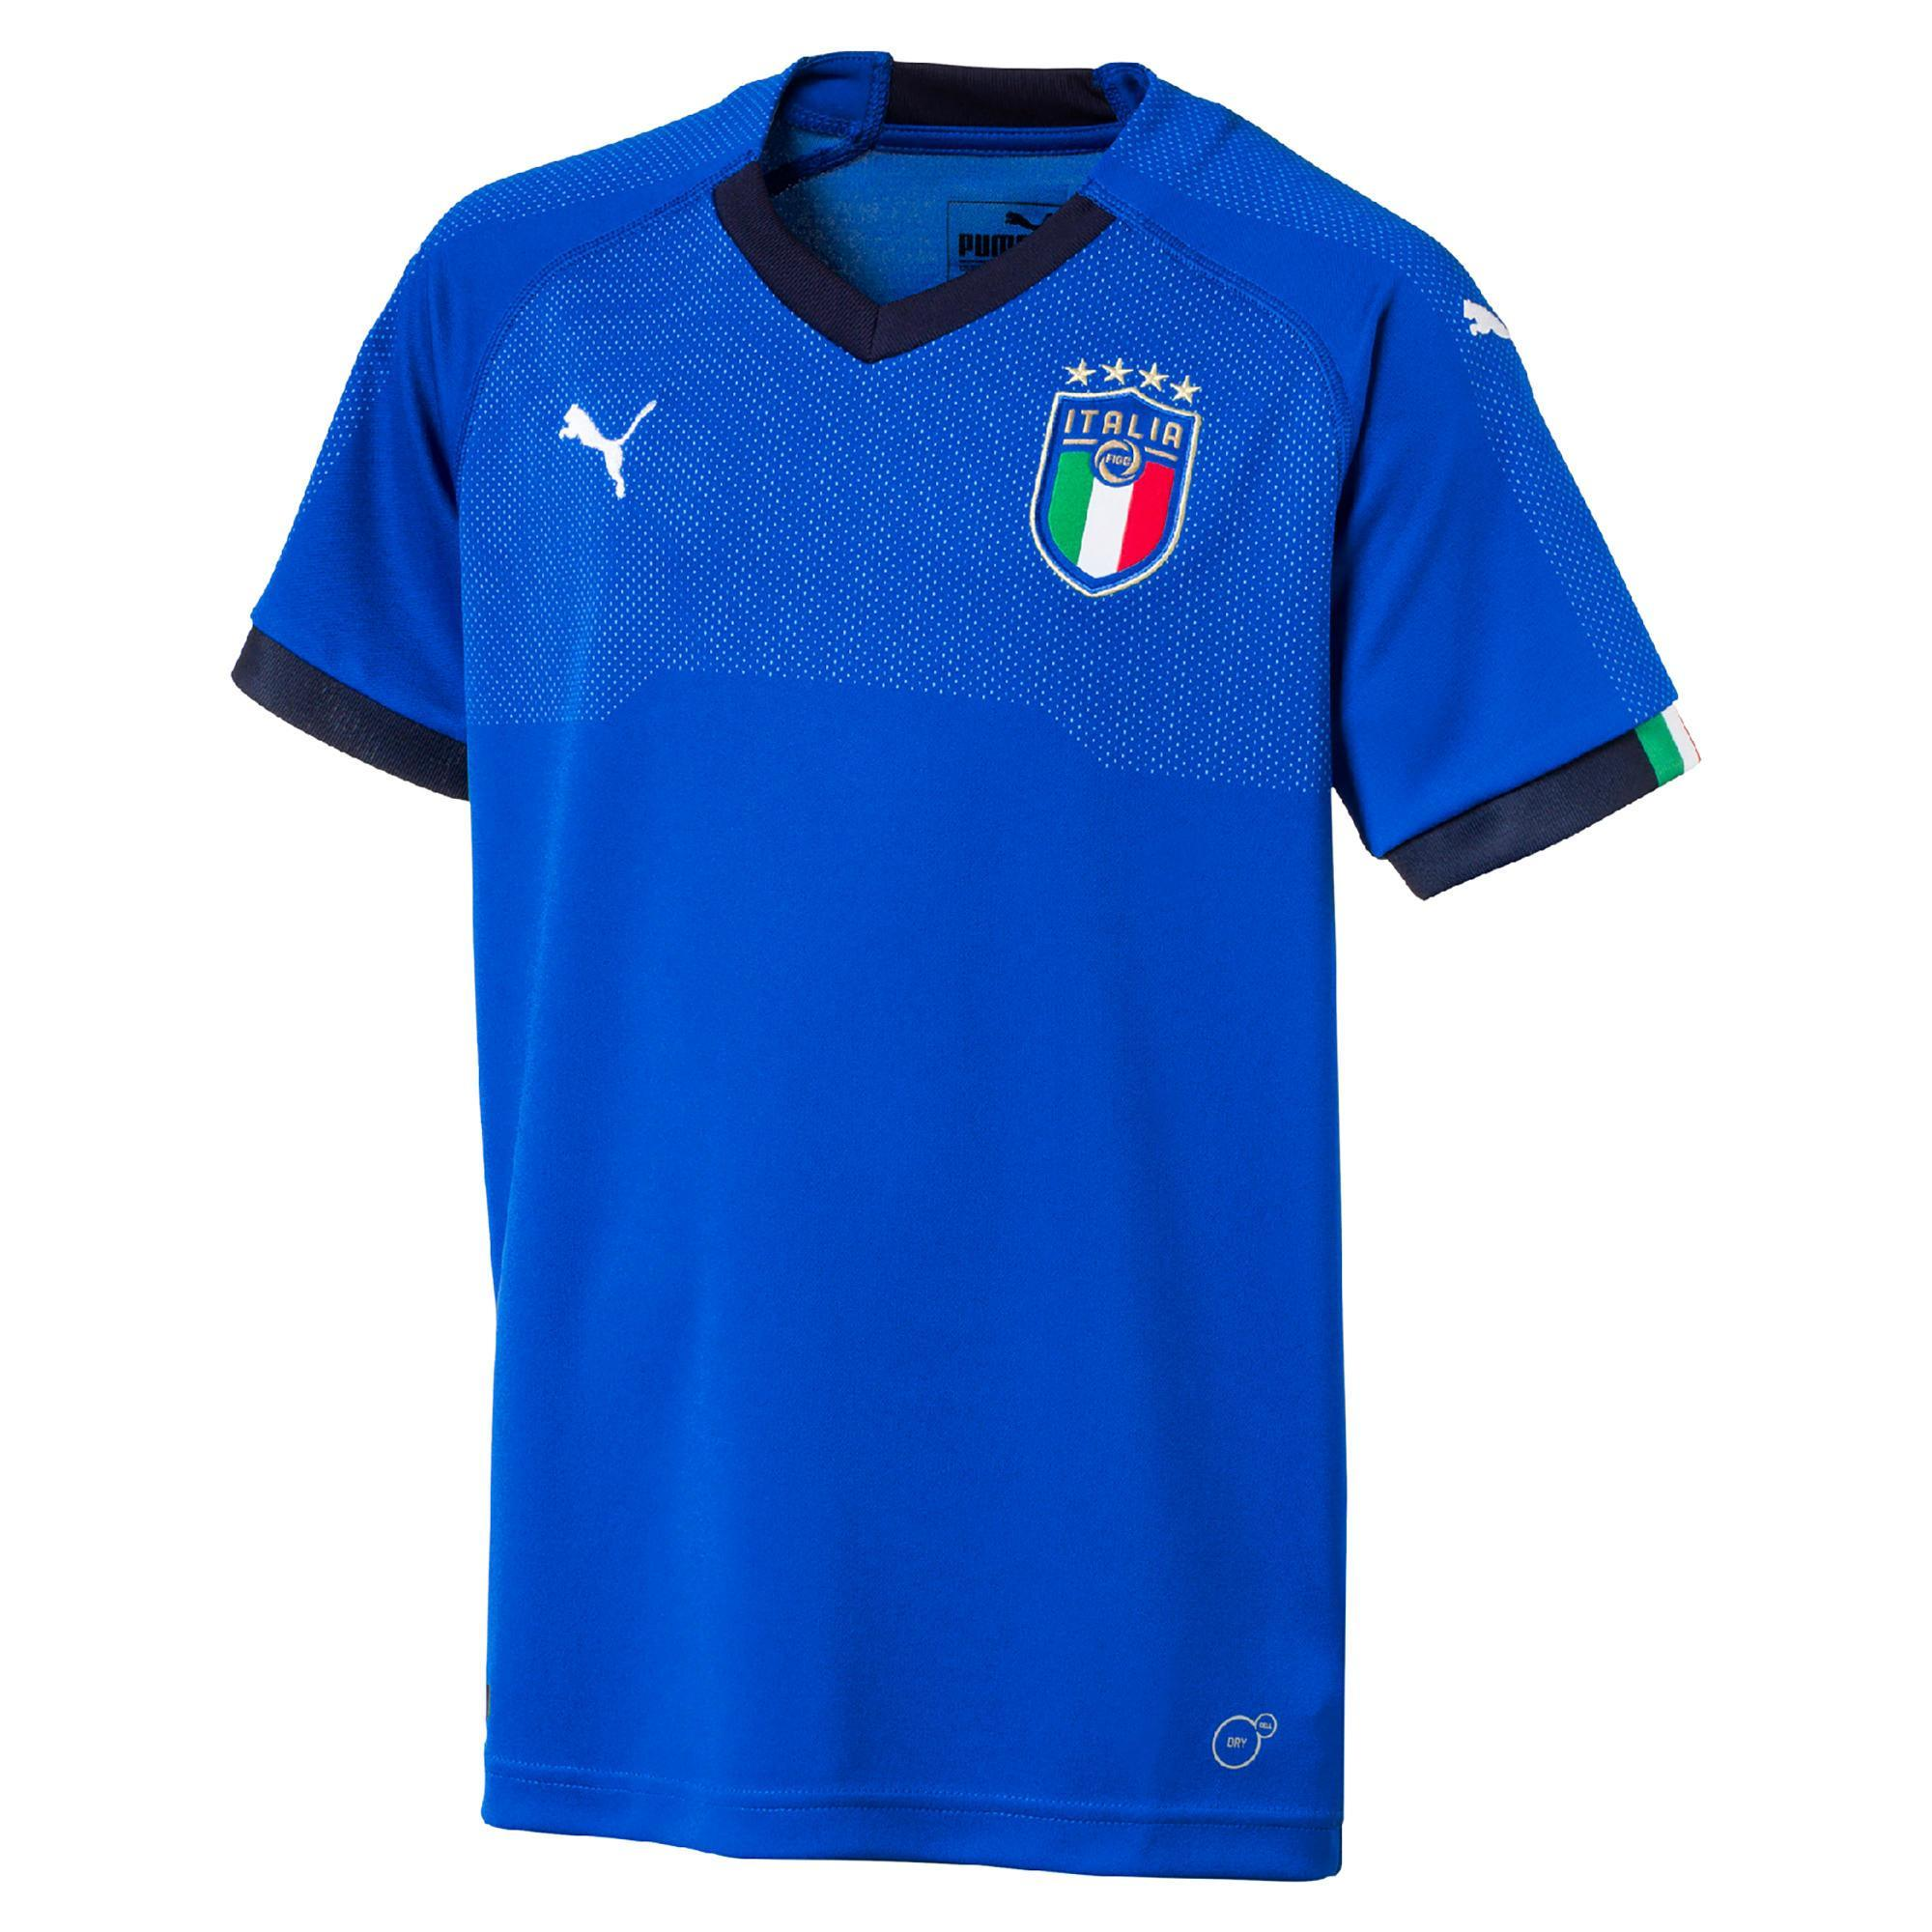 c2fe9c0a3 Camisetas Oficiales Selecciones Fútbol 2018